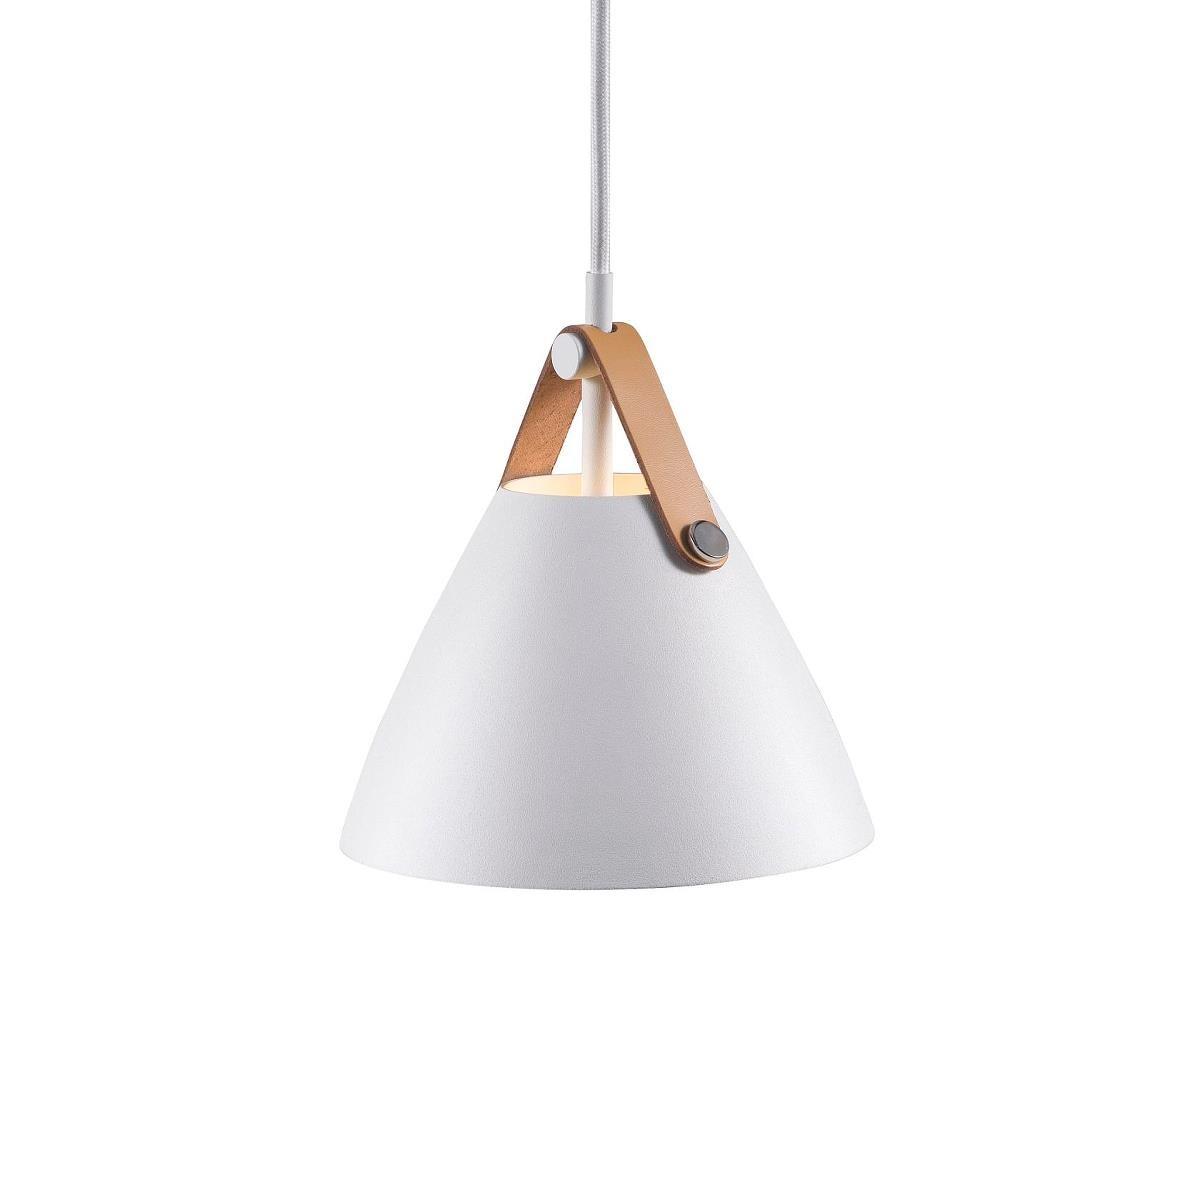 NORDLUX Strap 16 pendel hvid metal / læder